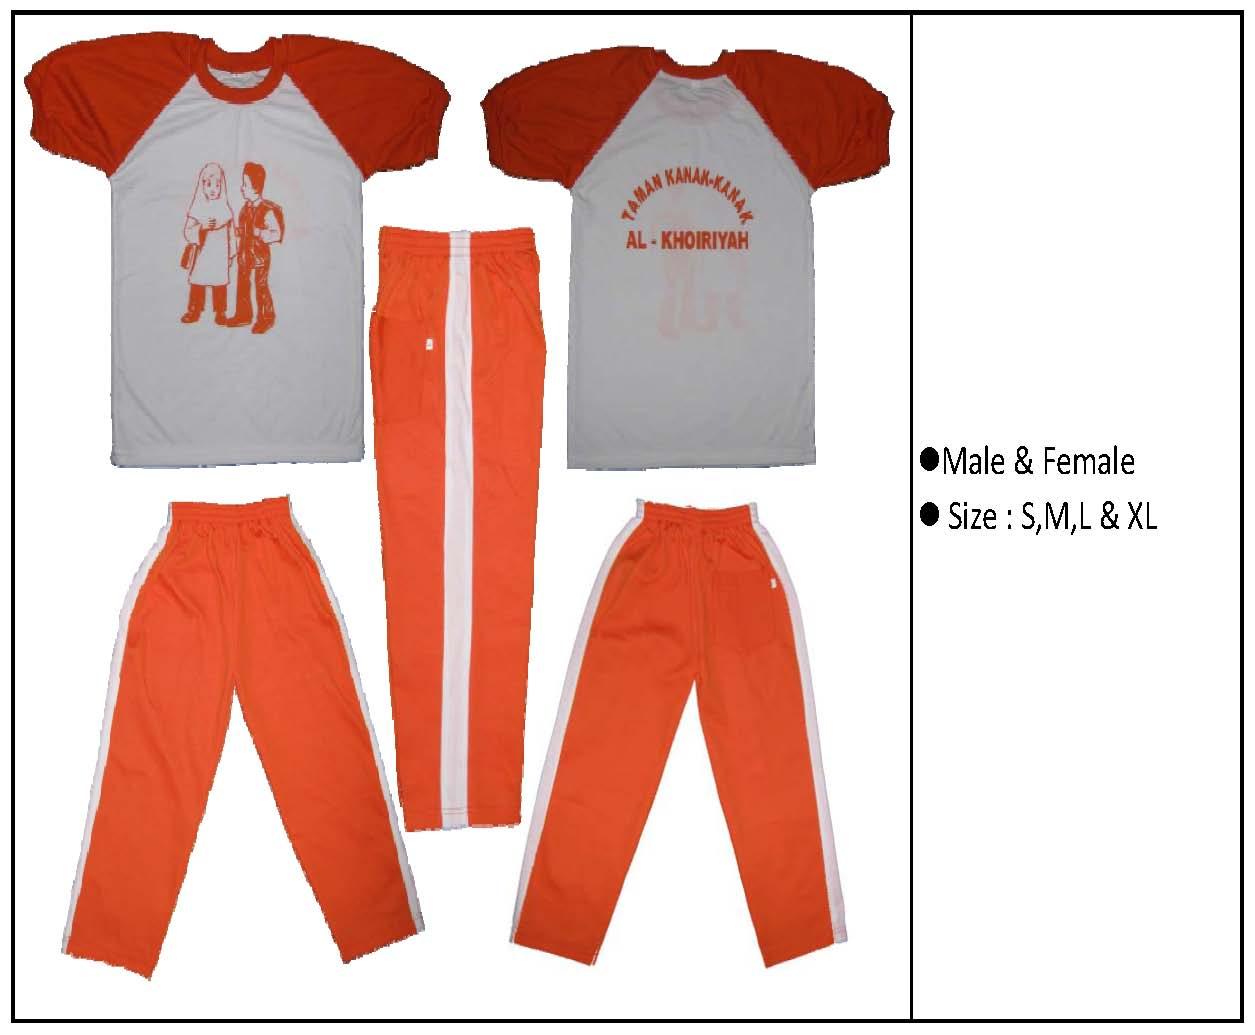 gambar koleksi baju seragam olahgara sekolah terbaru uutuk remaja